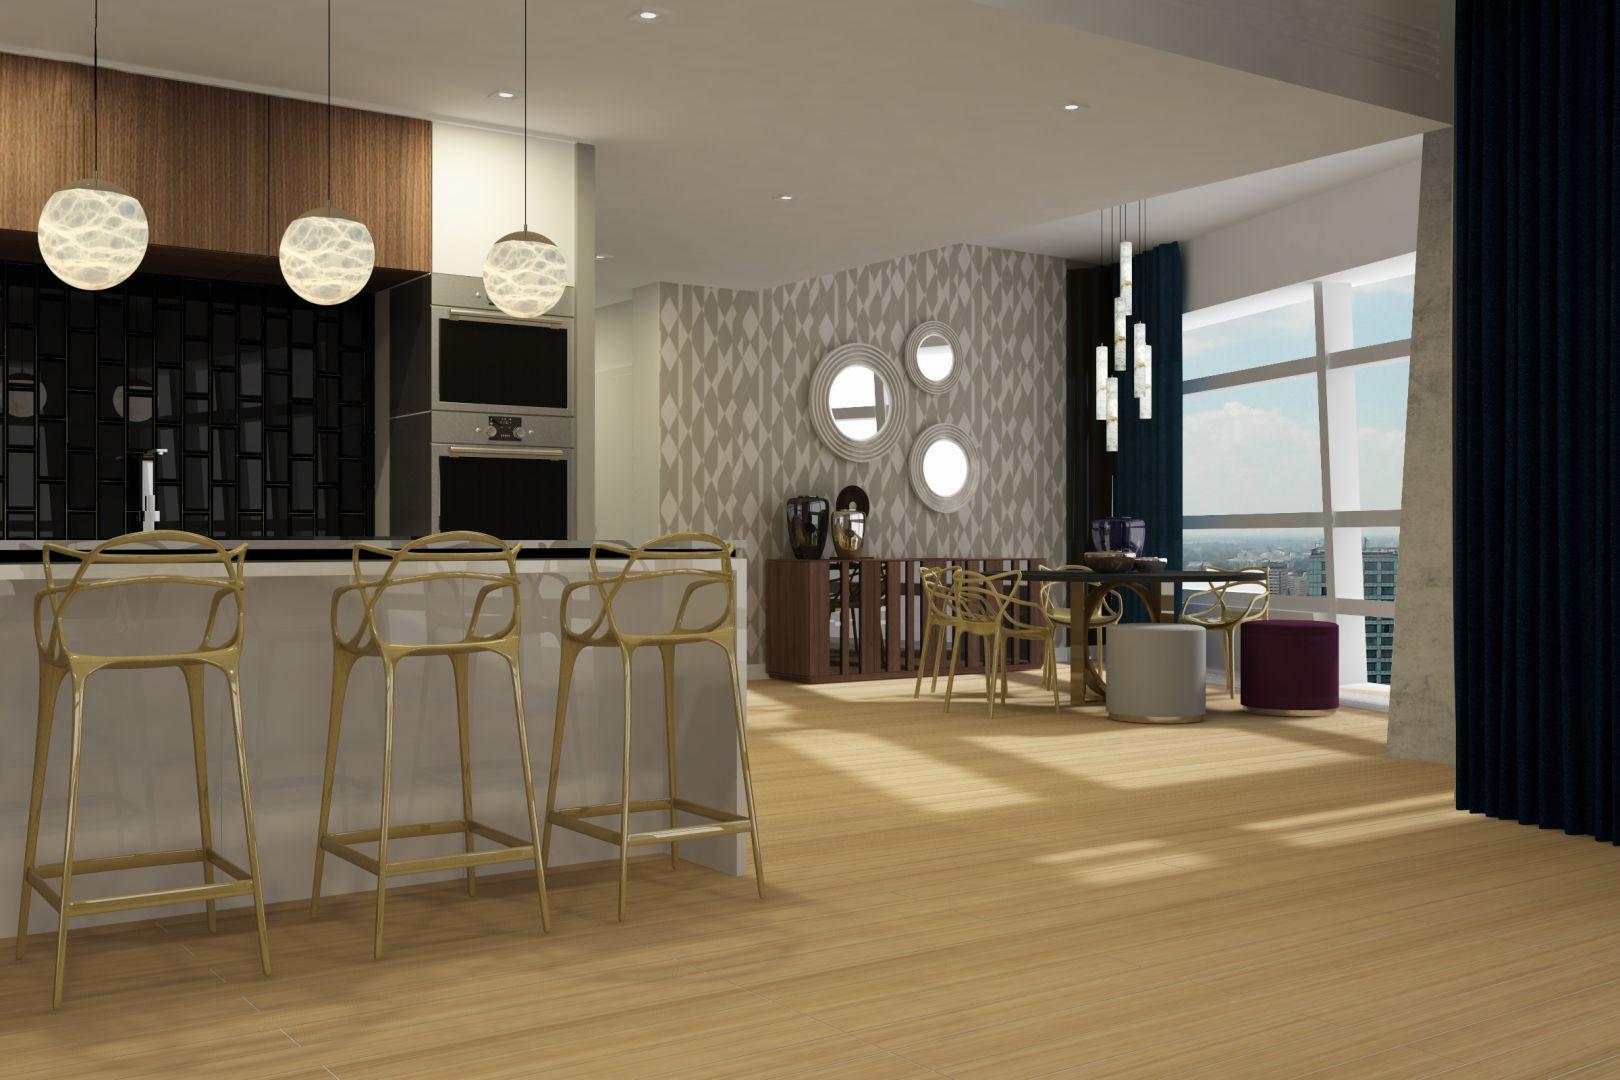 Kamień sprawdzi się począwszy od eleganckich stolików kawowych, stanowiących oryginalne uzupełnienie zarówno klasycznych, jak i nowoczesnych aranżacji, aż po bardziej odważne i wymagające nieco większej przestrzeni  – bary, konsole czy stoliki szachowe. Projekt wnętrza Alina Badora